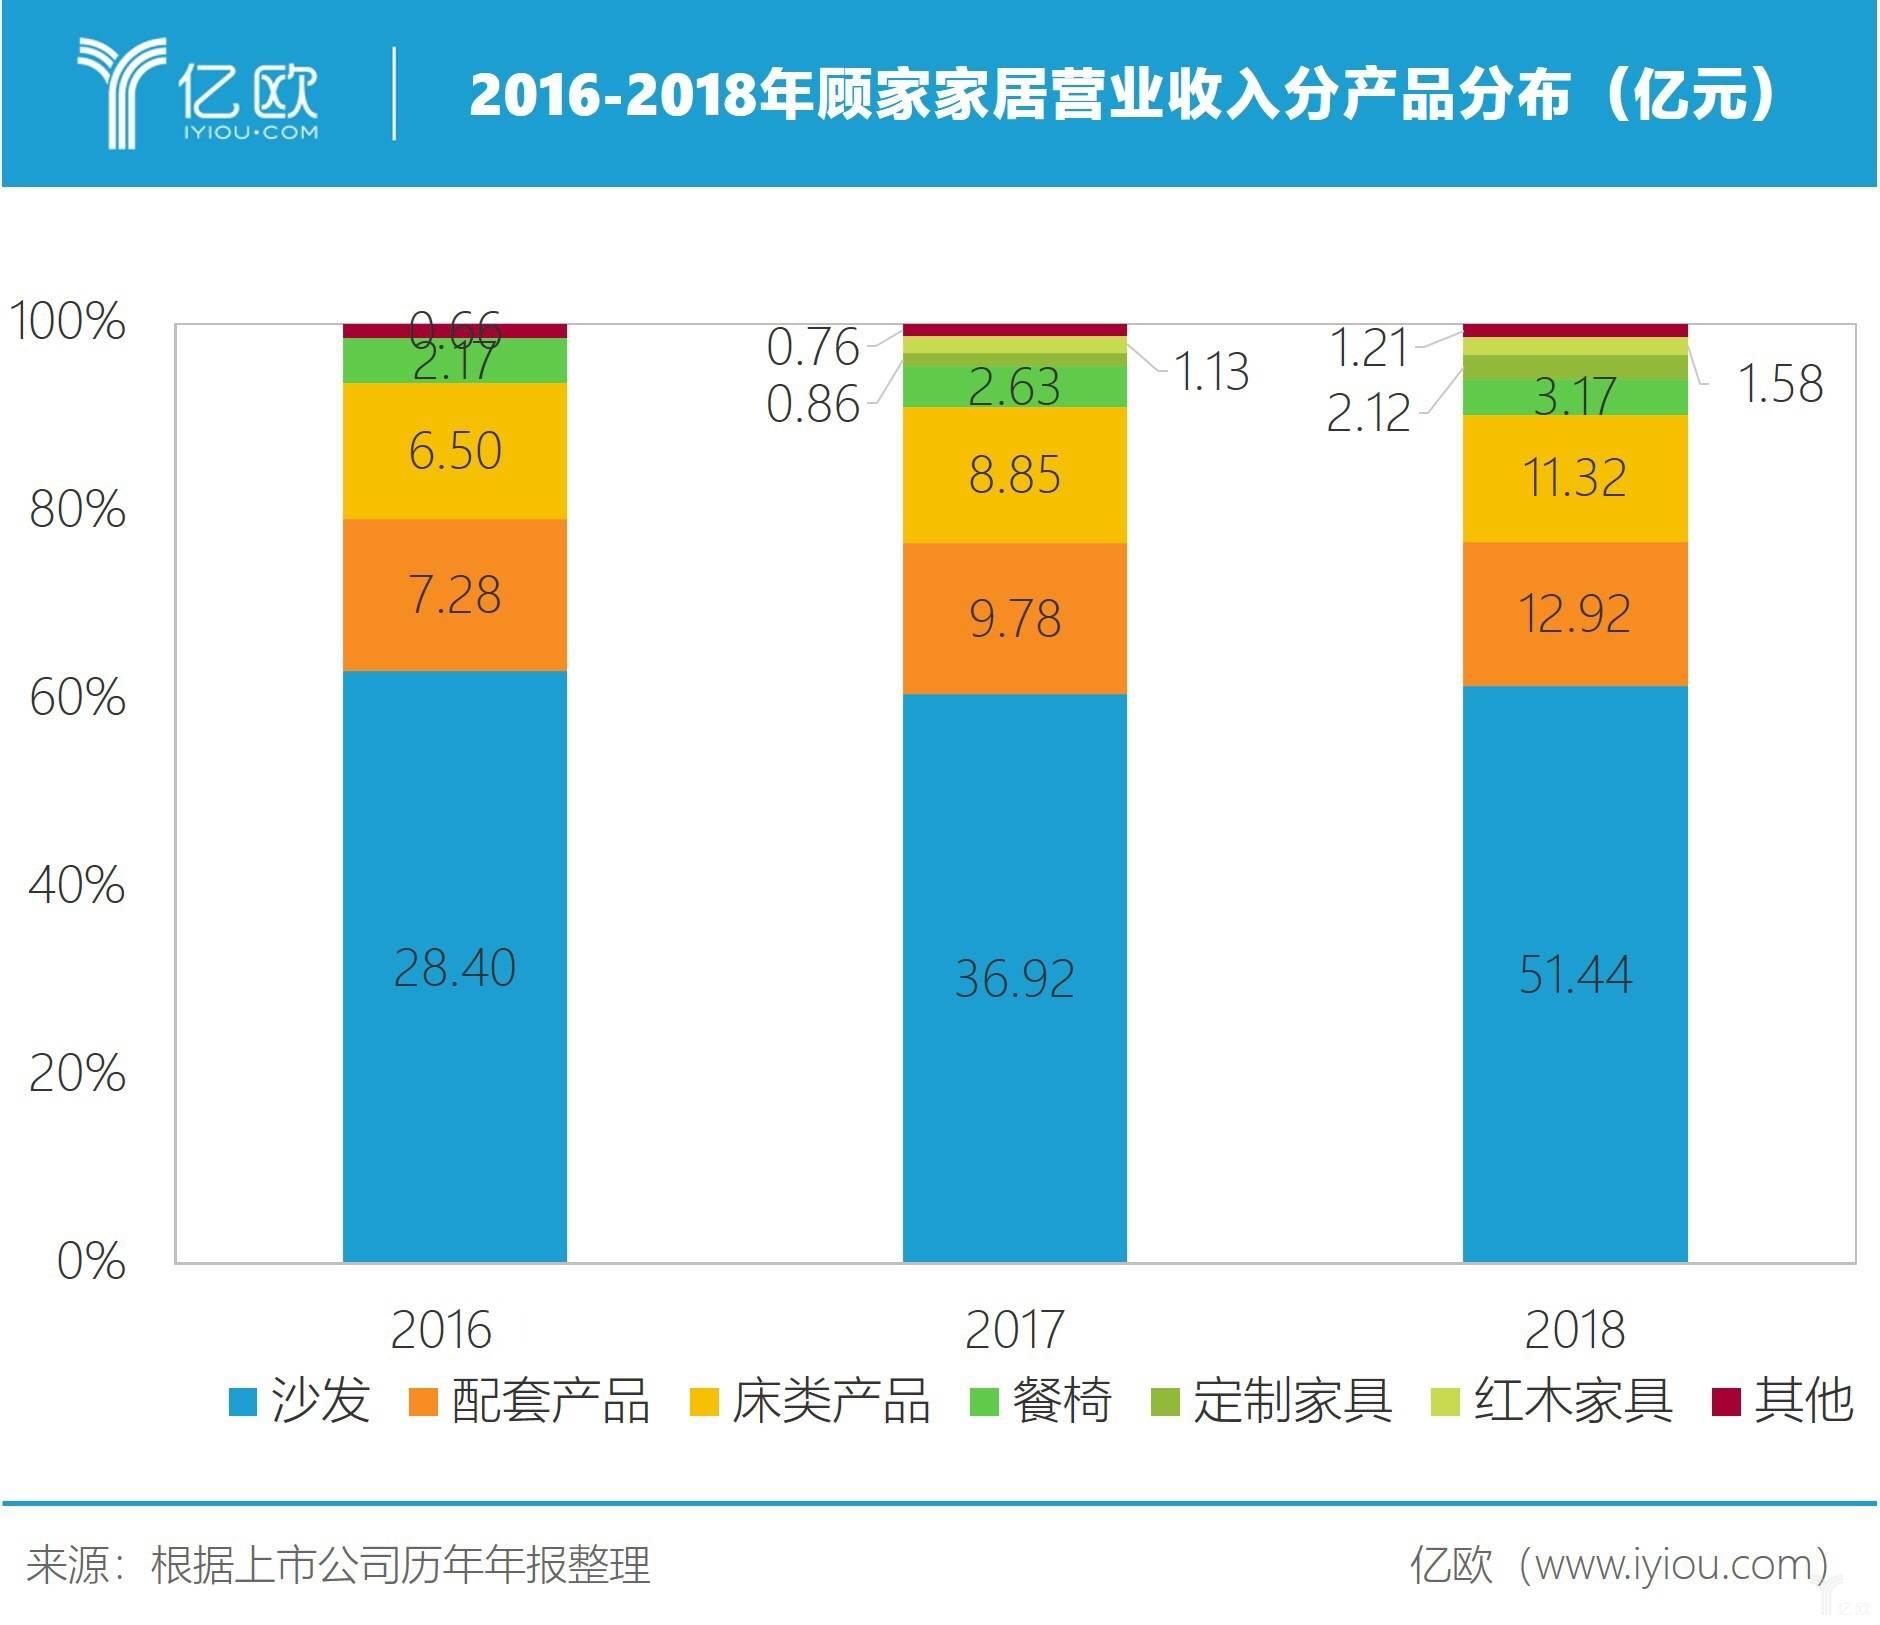 2016-2018年顾家家居营业收入分产品分布